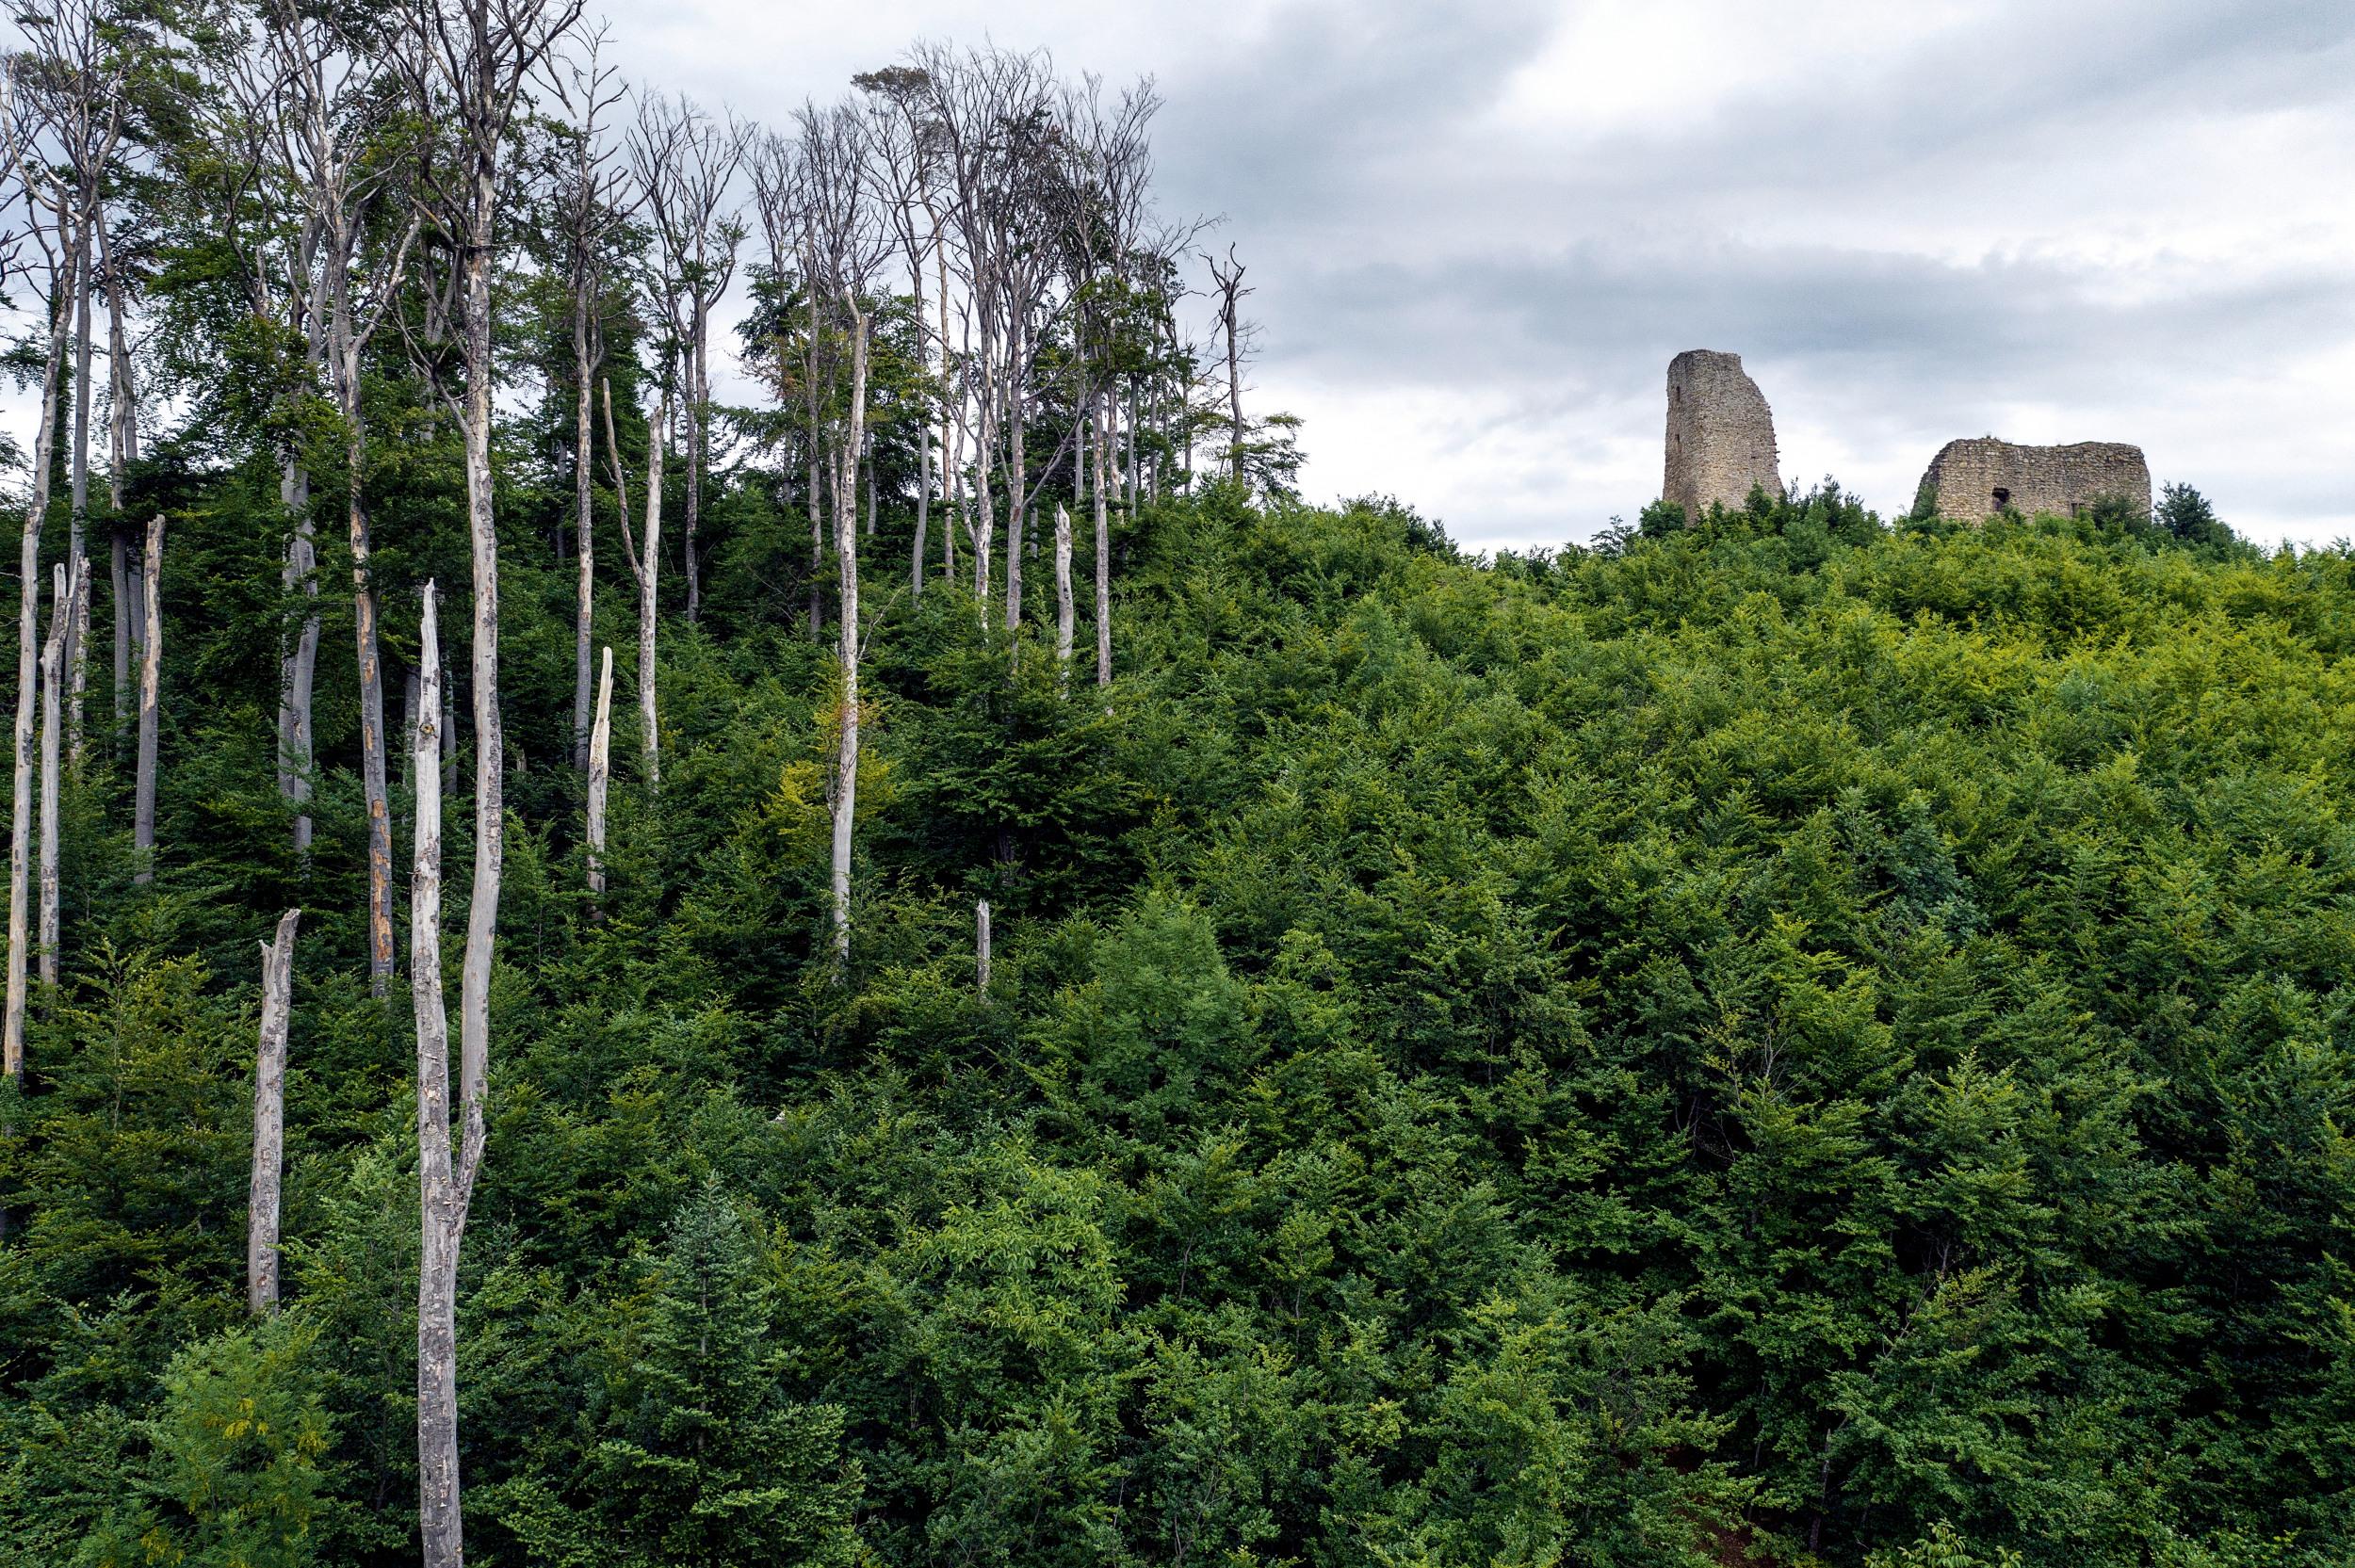 STEHEND K.O. Ausgetrockneter Buchenbestand auf dem Schönberg bei Freiburg. Förster und Naturschützer waren überrascht, dass die Dürrejahre 2018 und 2019 auch so vielen Laubbäumen den Garaus machten, die als vergleichsweise klimastabil gelten. Allerdings besteht der Boden hier aus Muschelkalk, in dem der Regen schnell versickert